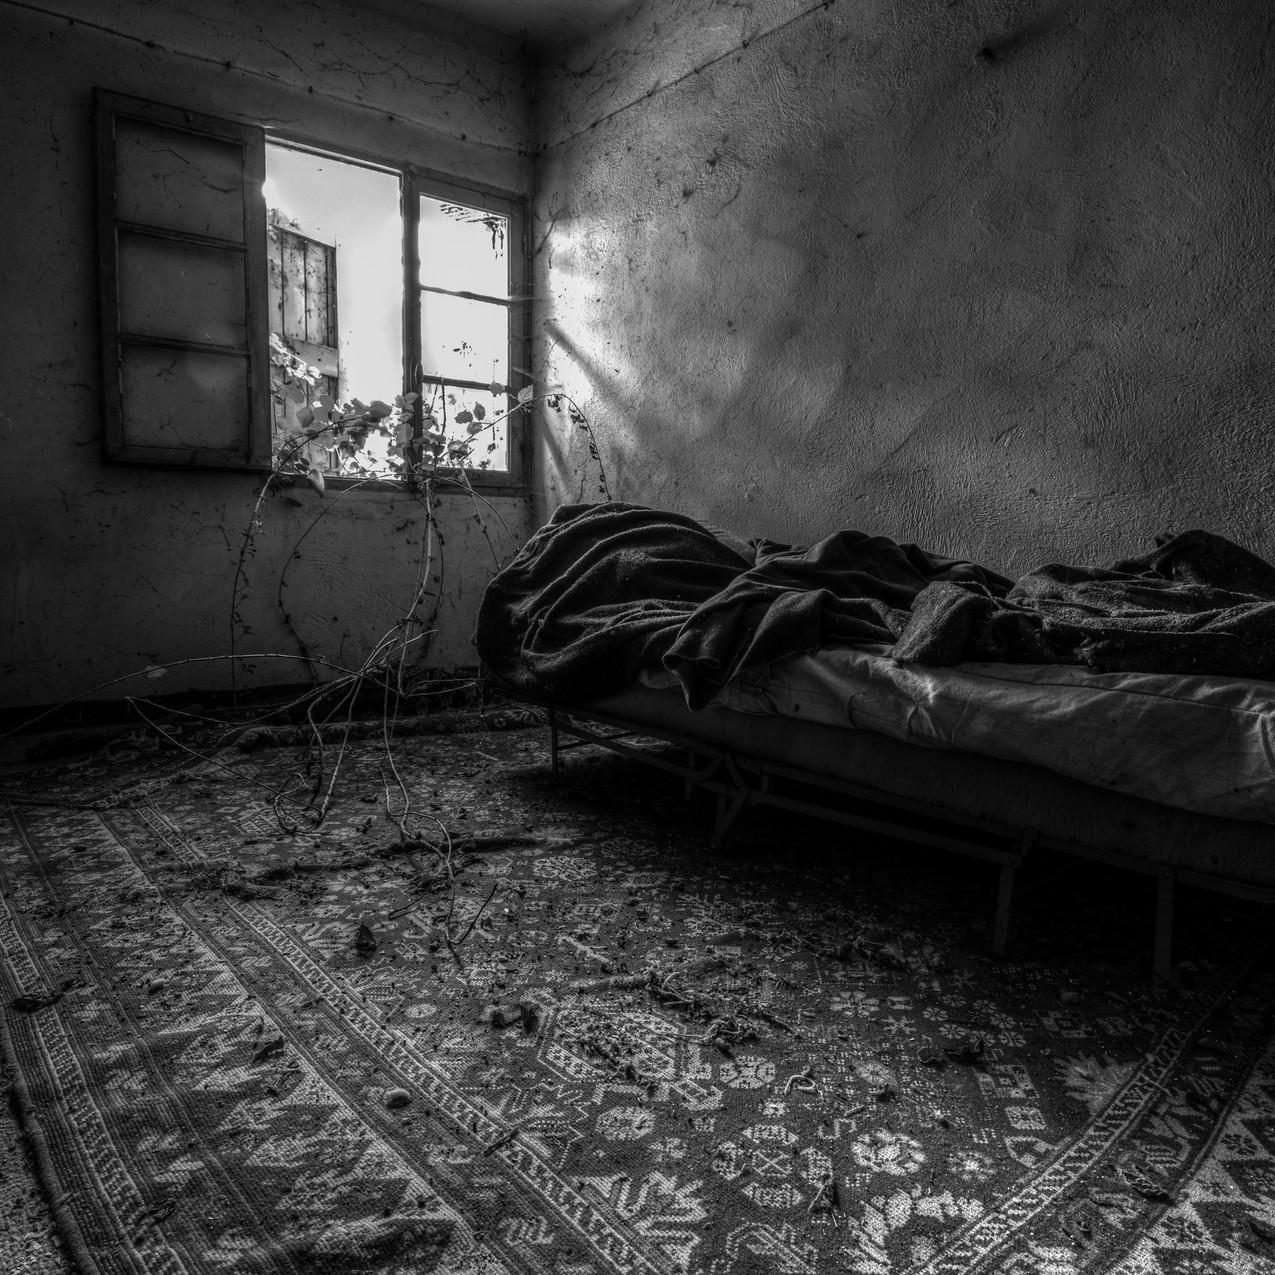 Urbex - Maison de l'angoisse (Le cauchemar commence)